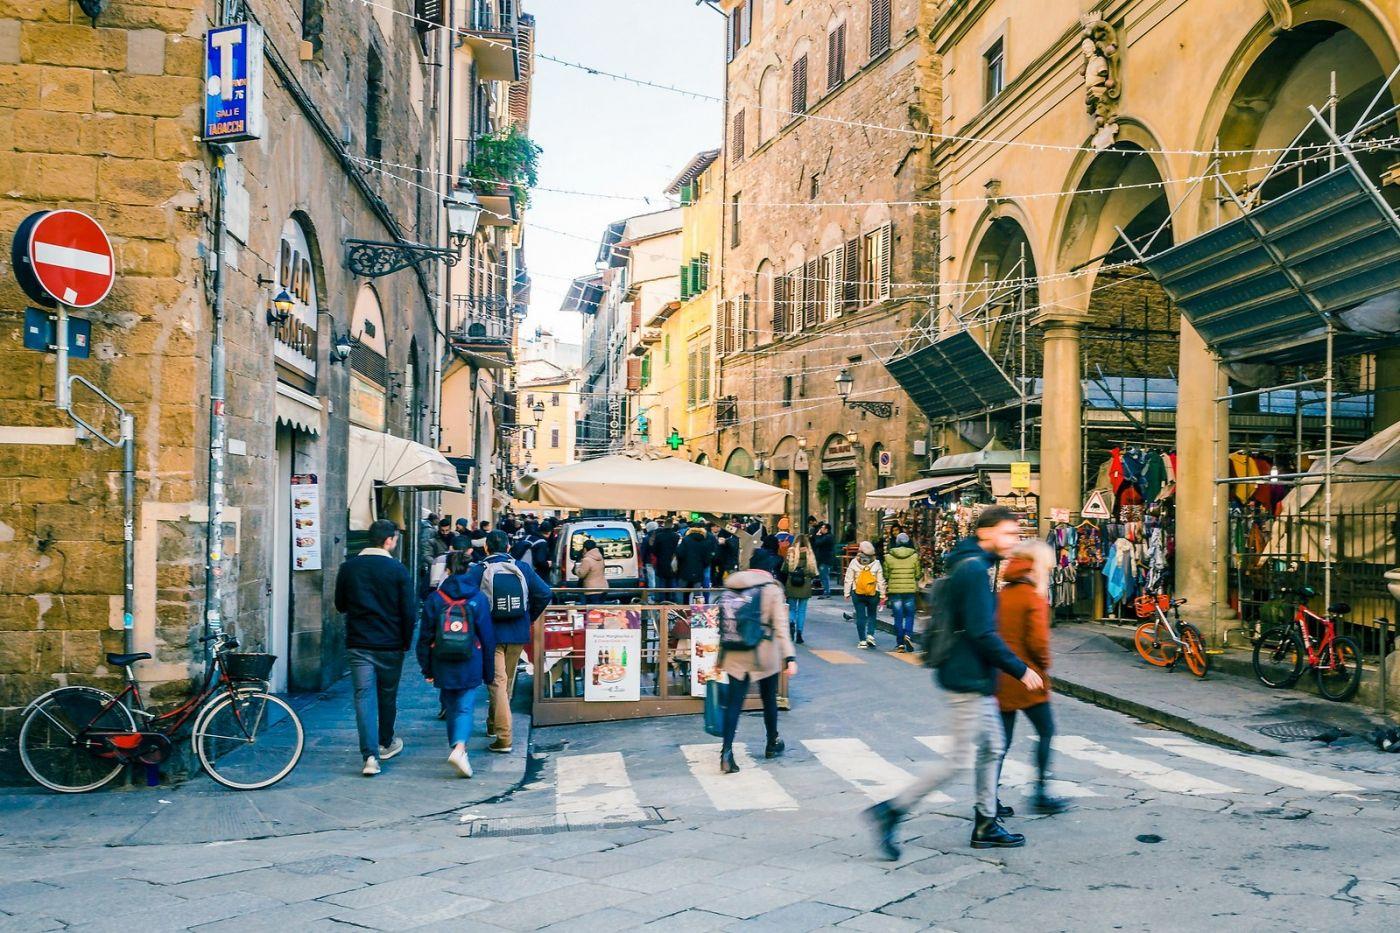 意大利佛罗伦萨(Florence),小街文化_图1-19